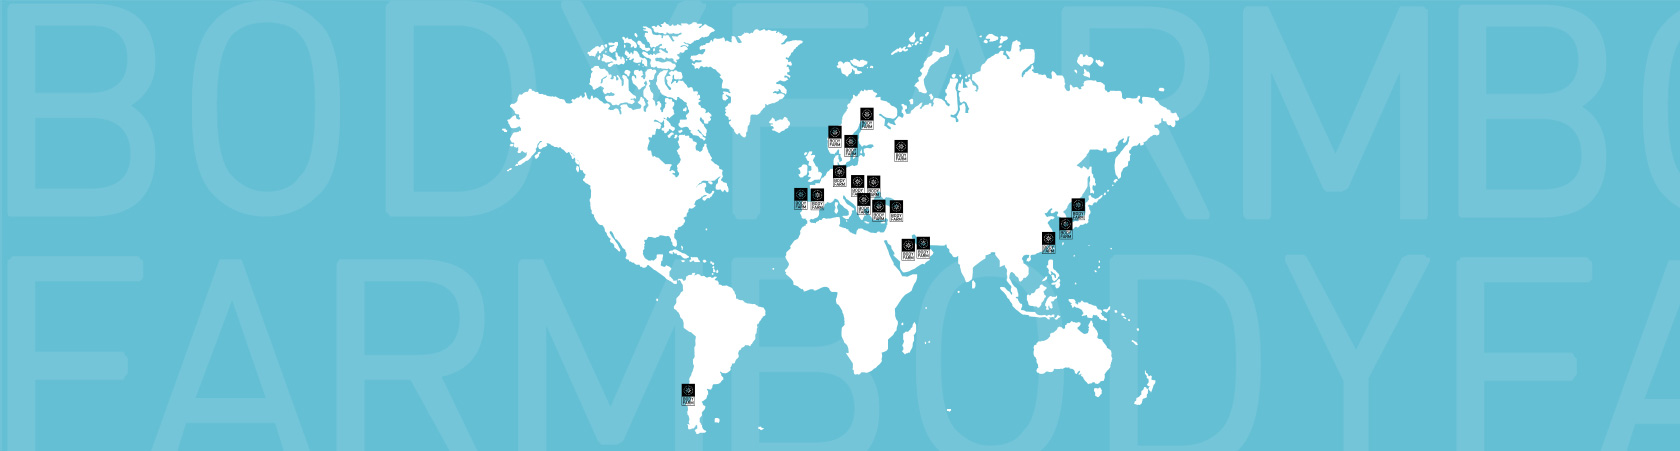 Η διεθνής παρουσία της Bodyfarm, αποτυπωμένη σε χάρτη